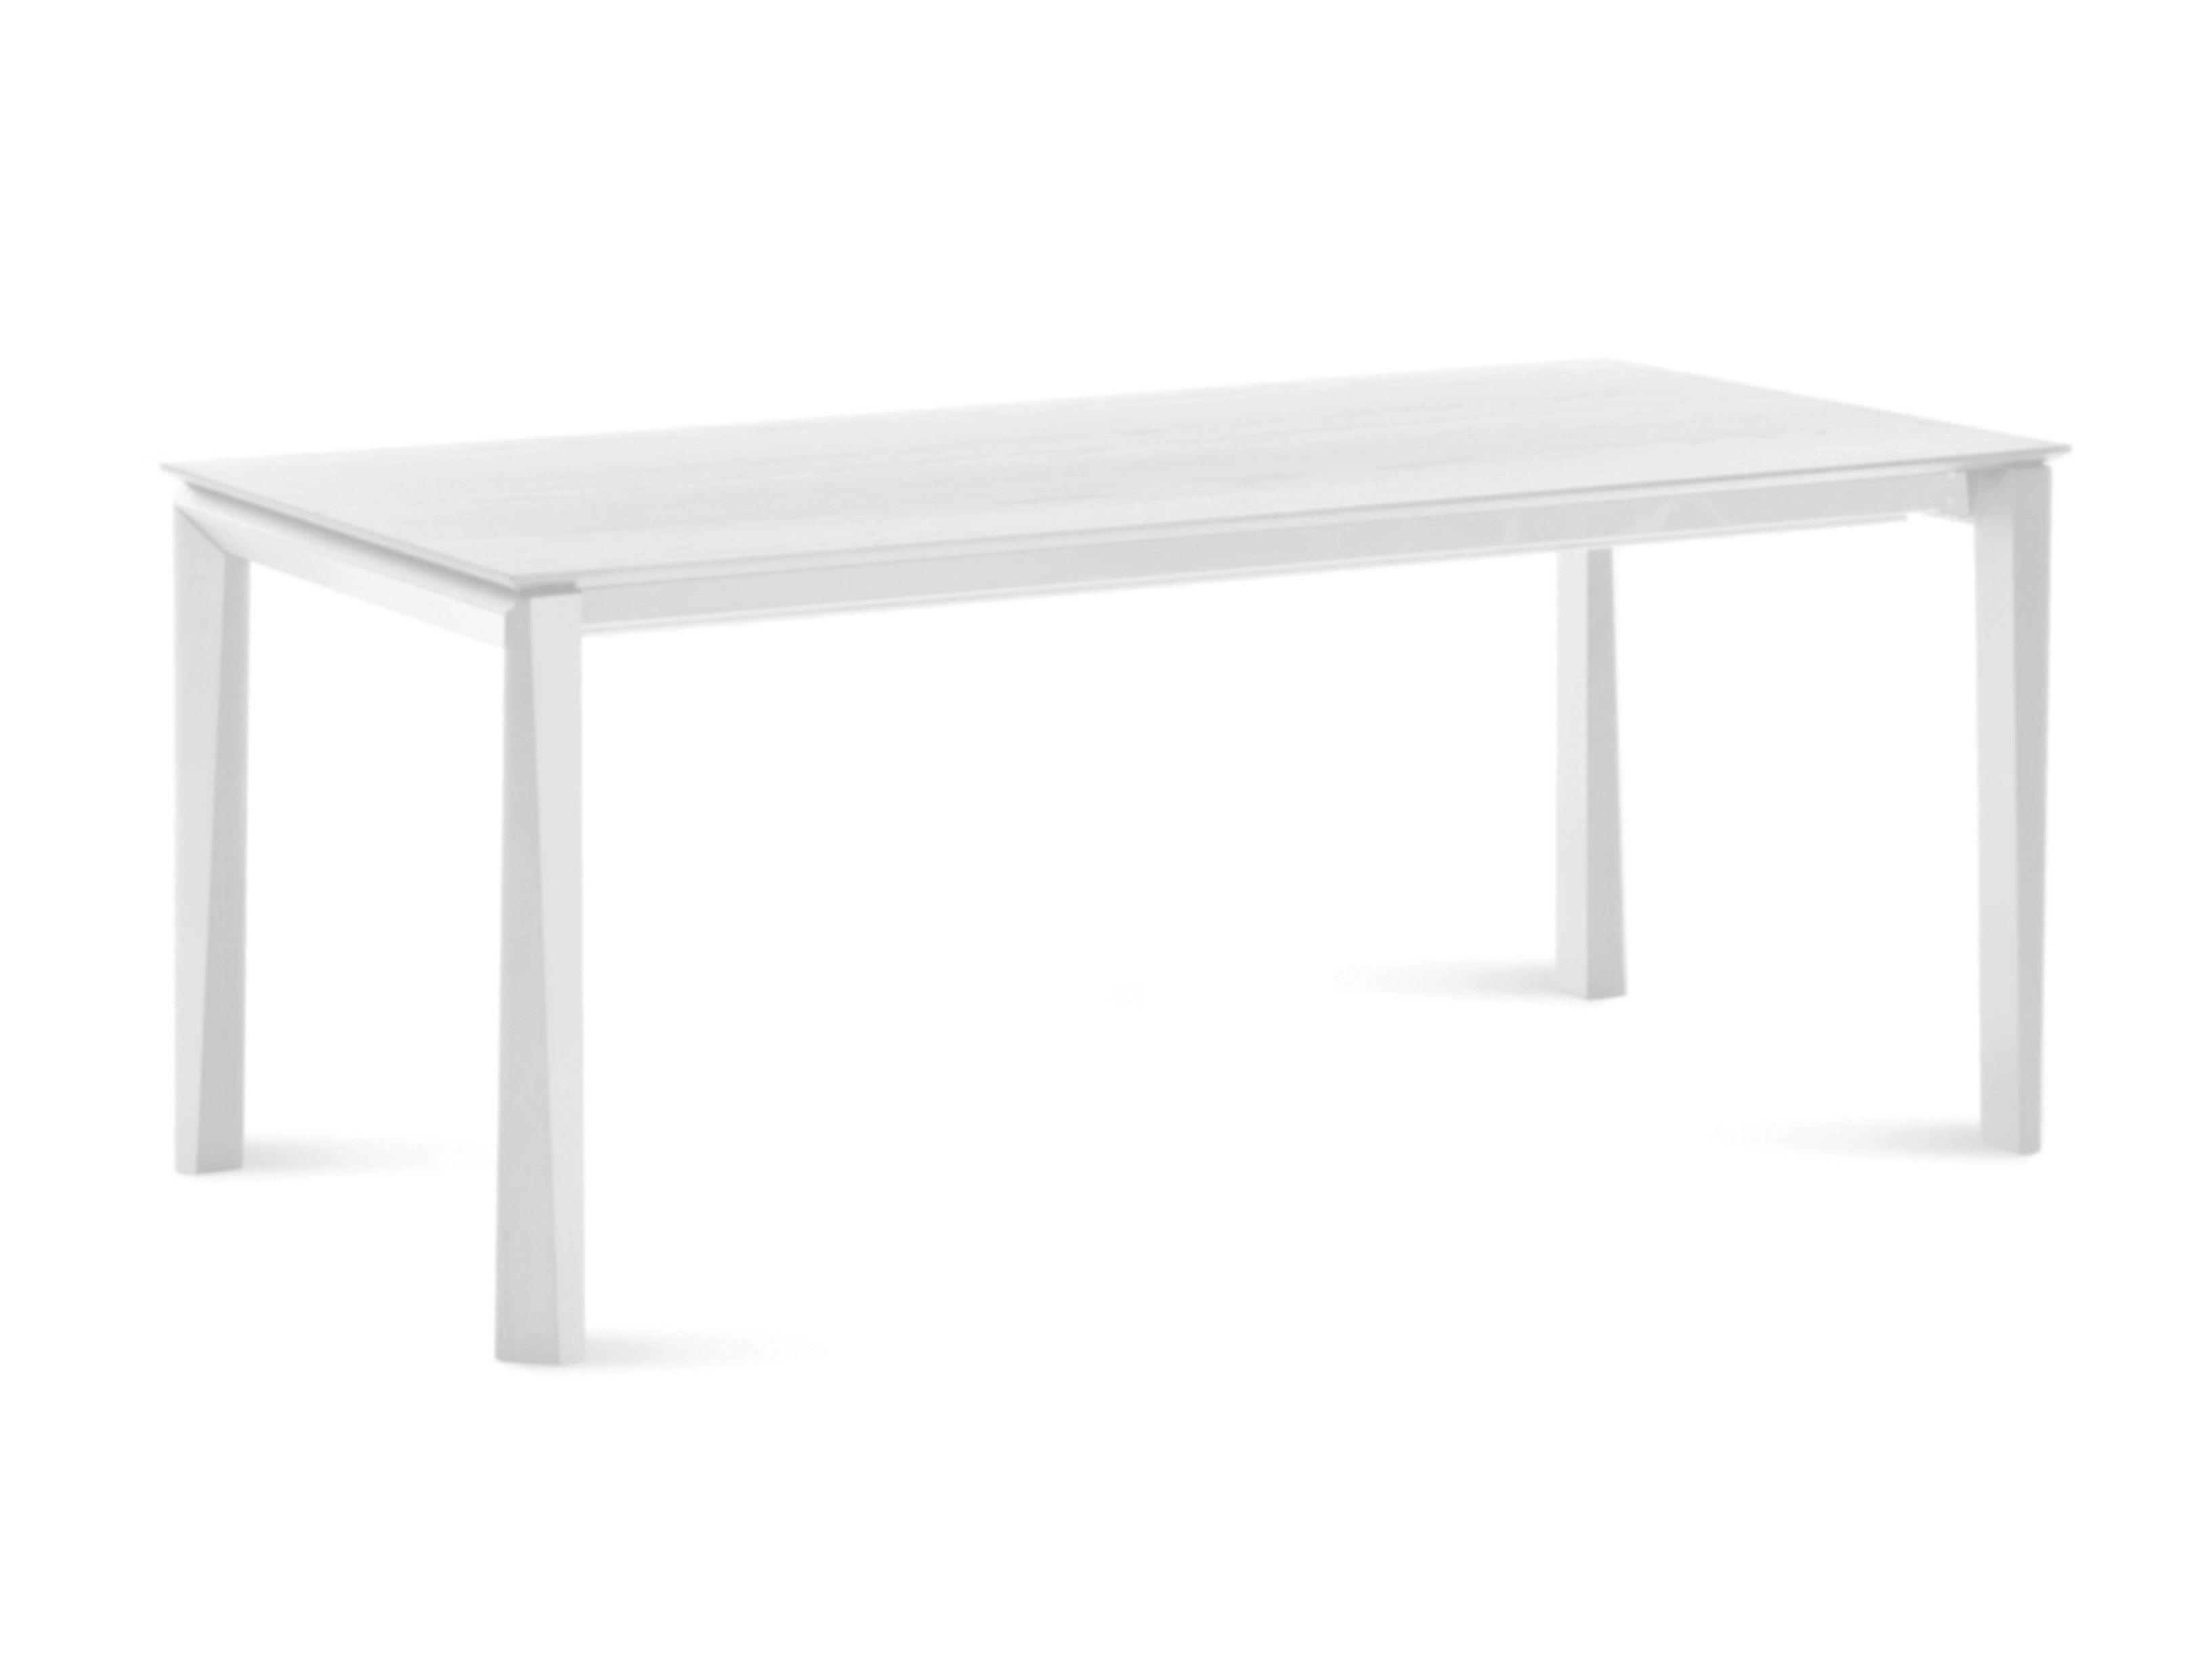 Table extensible rectangulaire en placage de bois universe for Table extensible rectangulaire